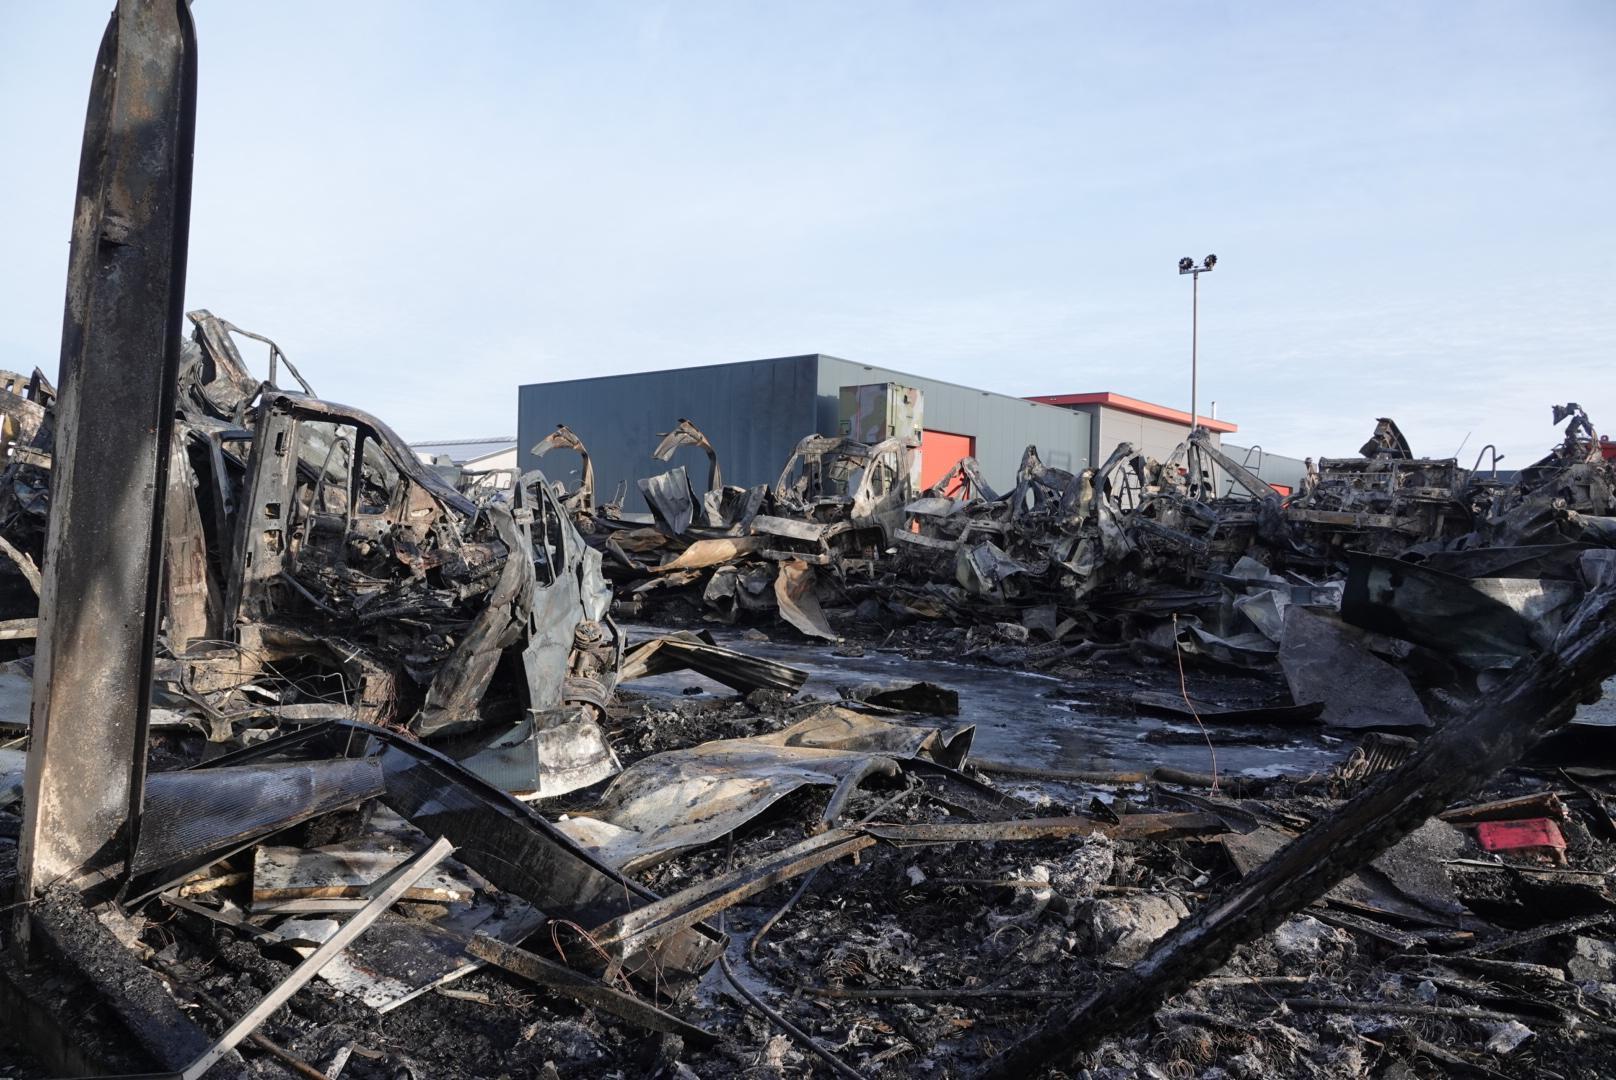 Uitslaande brand in bedrijfspand Winkel; tientallen campers en caravans gaan in rook op [fotoserie]